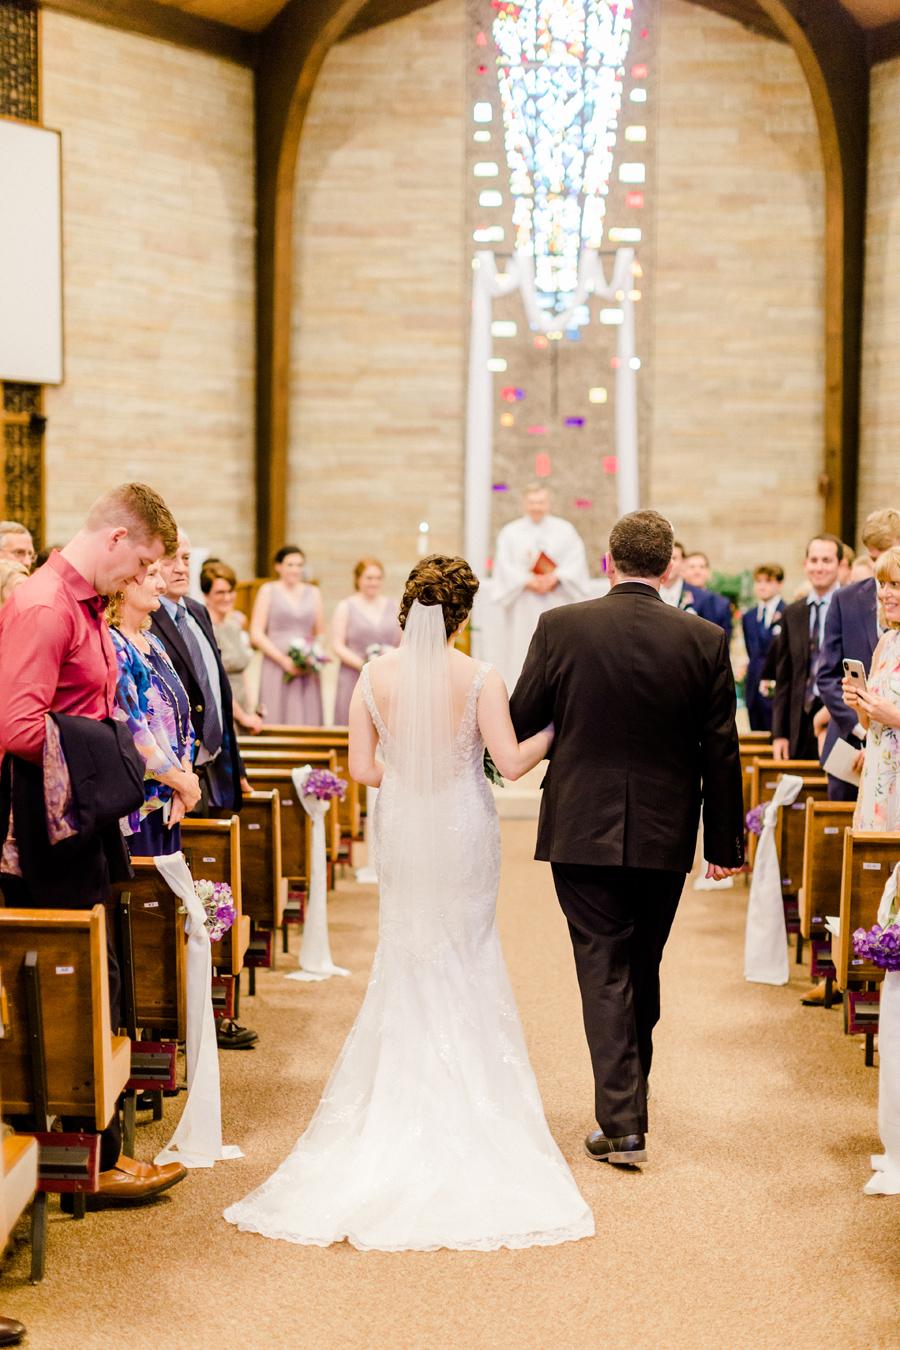 lambeaufieldwedding014.jpg